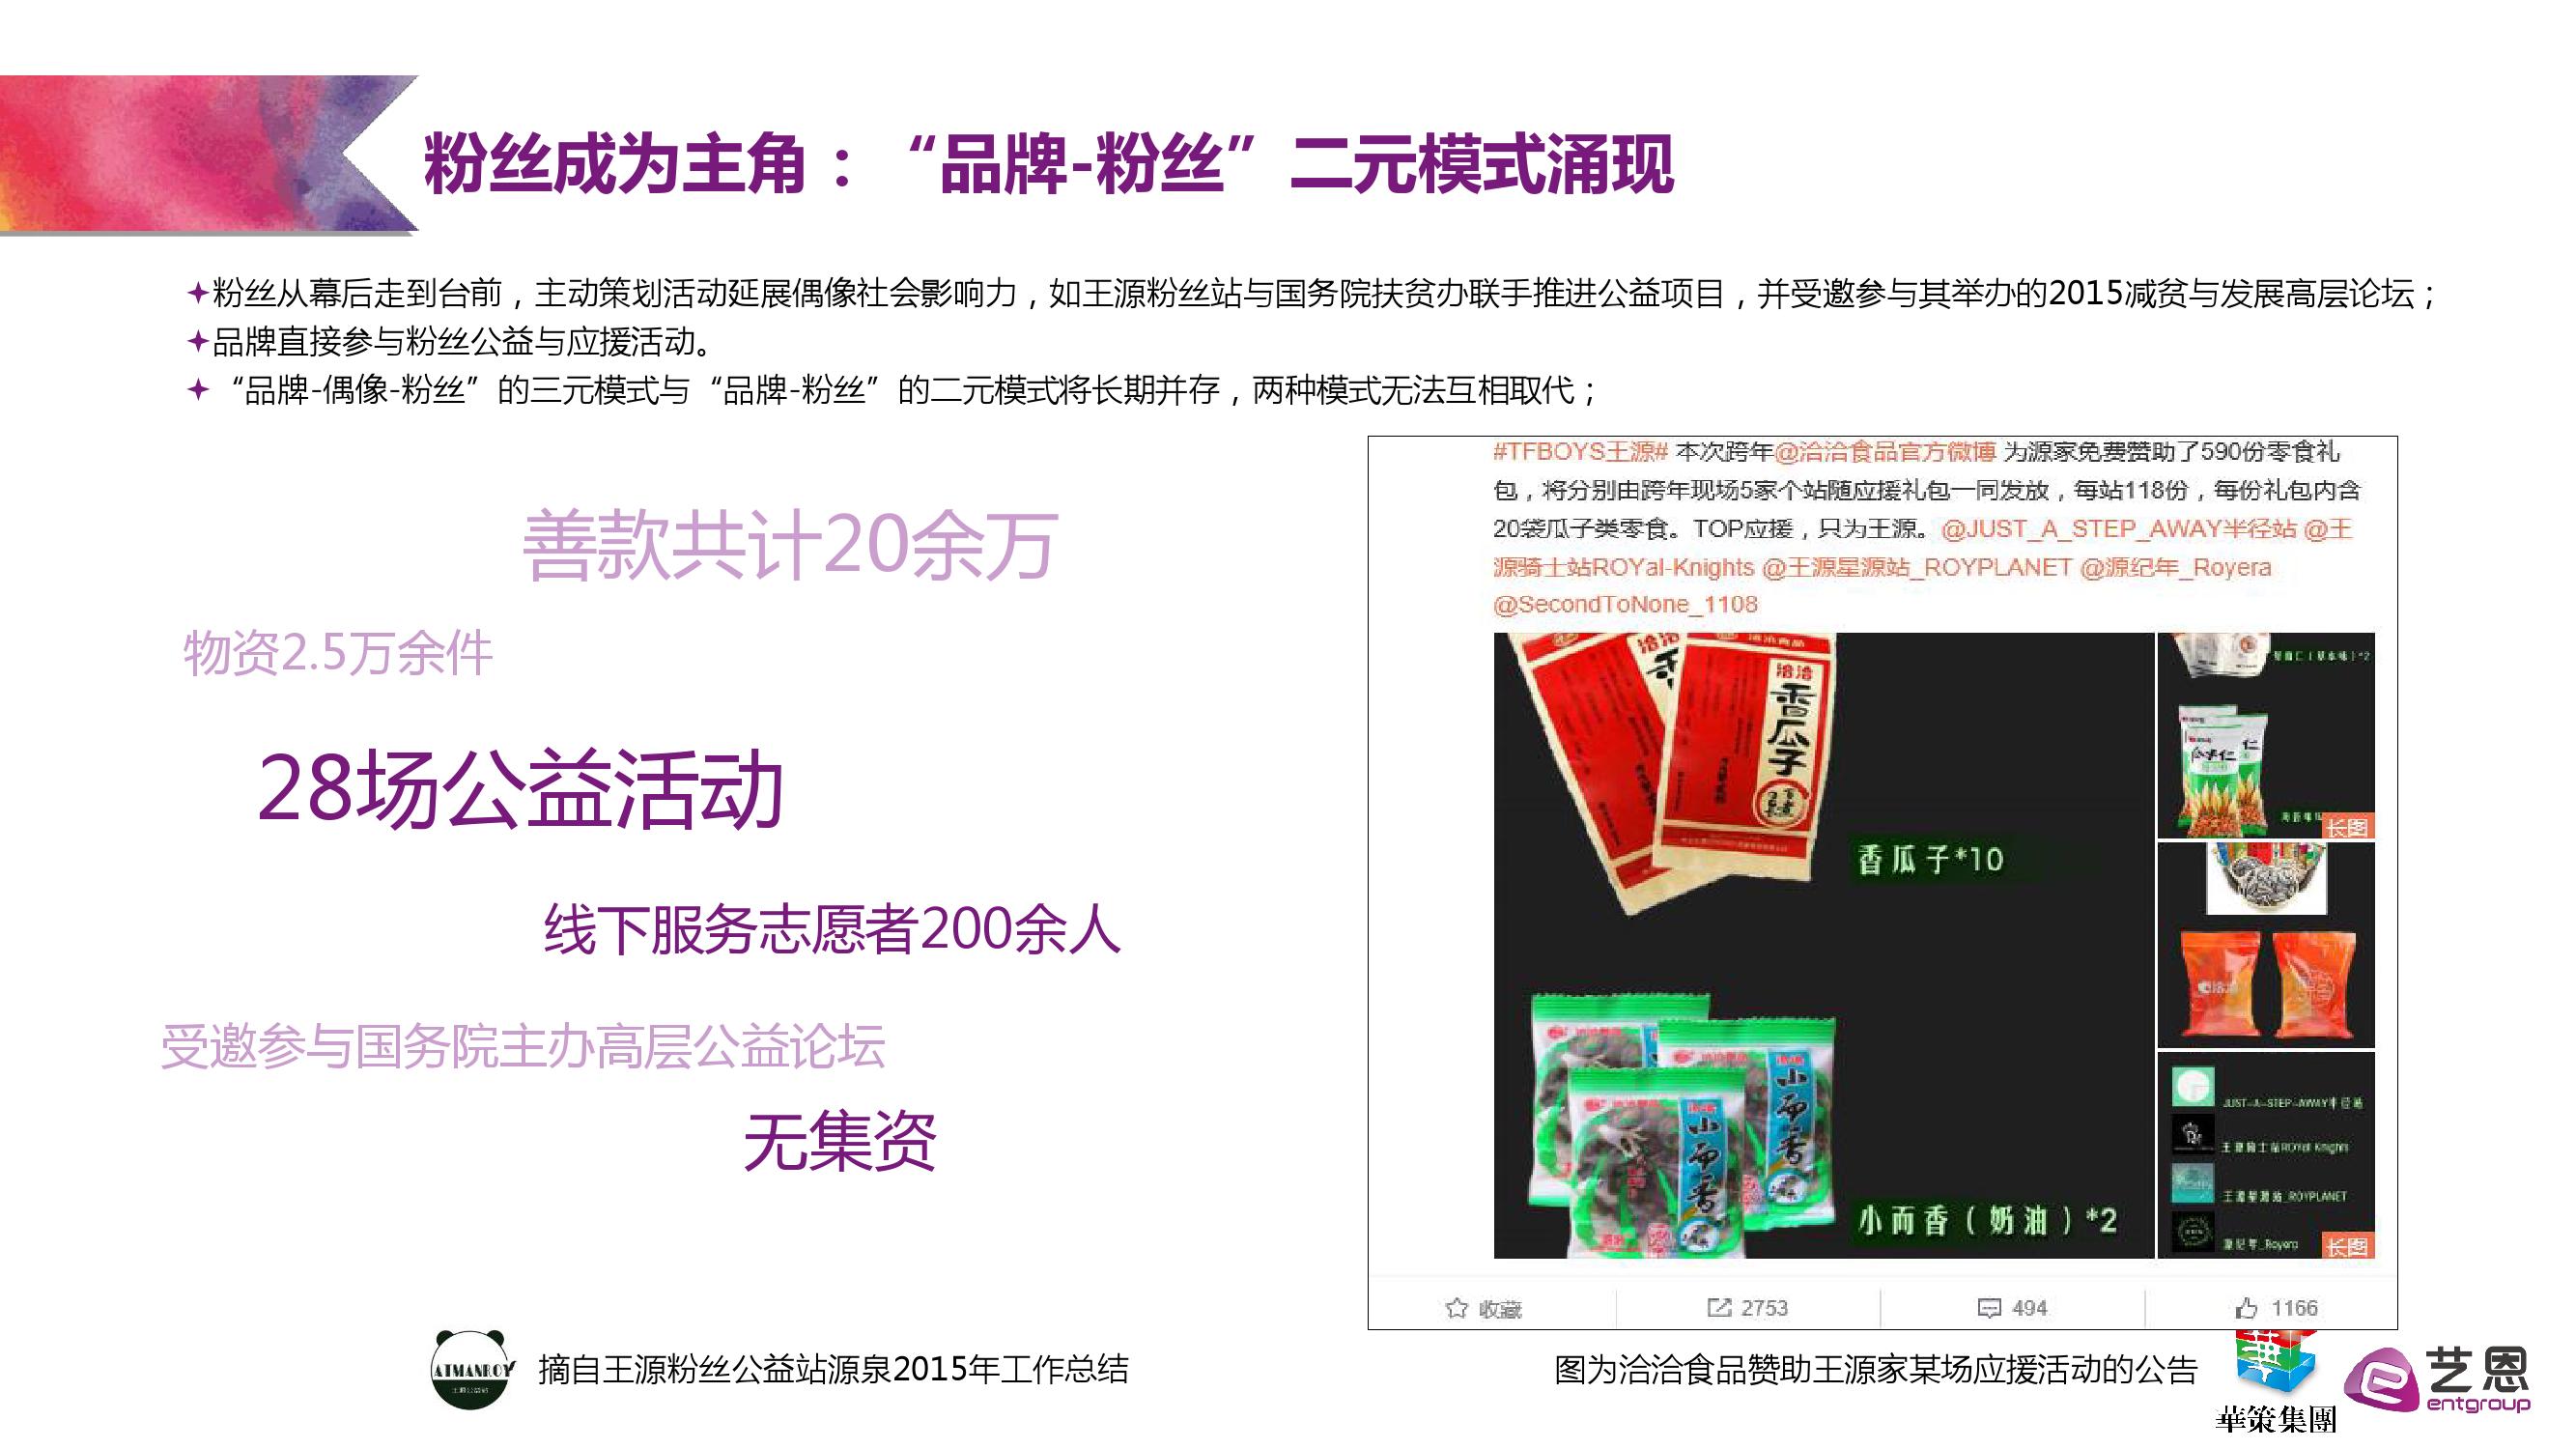 艺恩:粉丝经济研究报告_000018